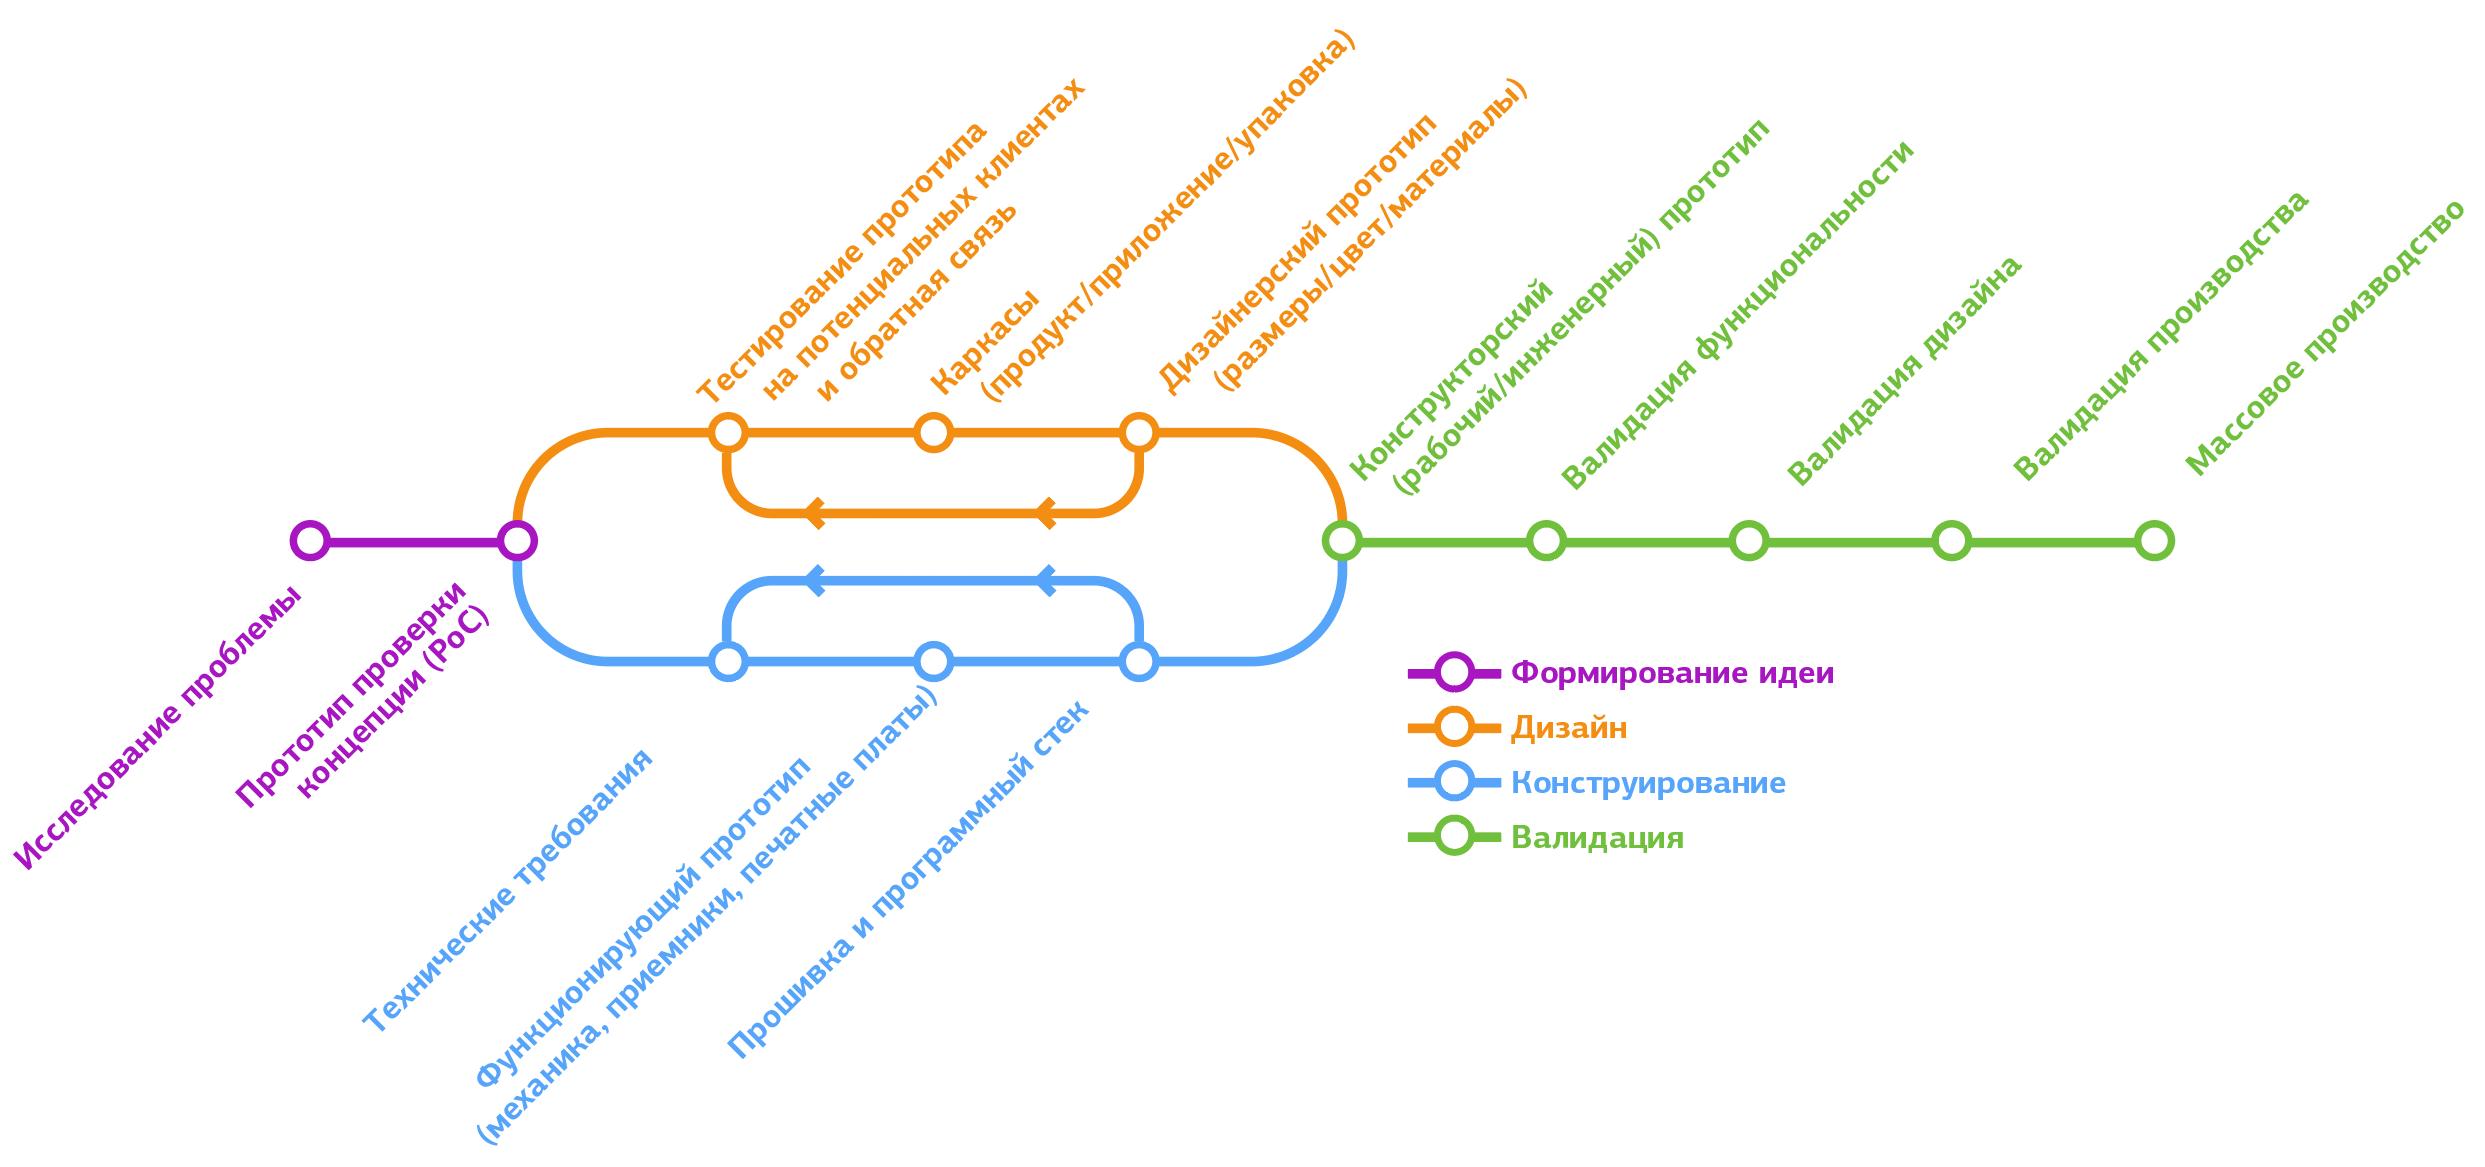 Наглядное пособие по разработке продуктов: формирование идеи